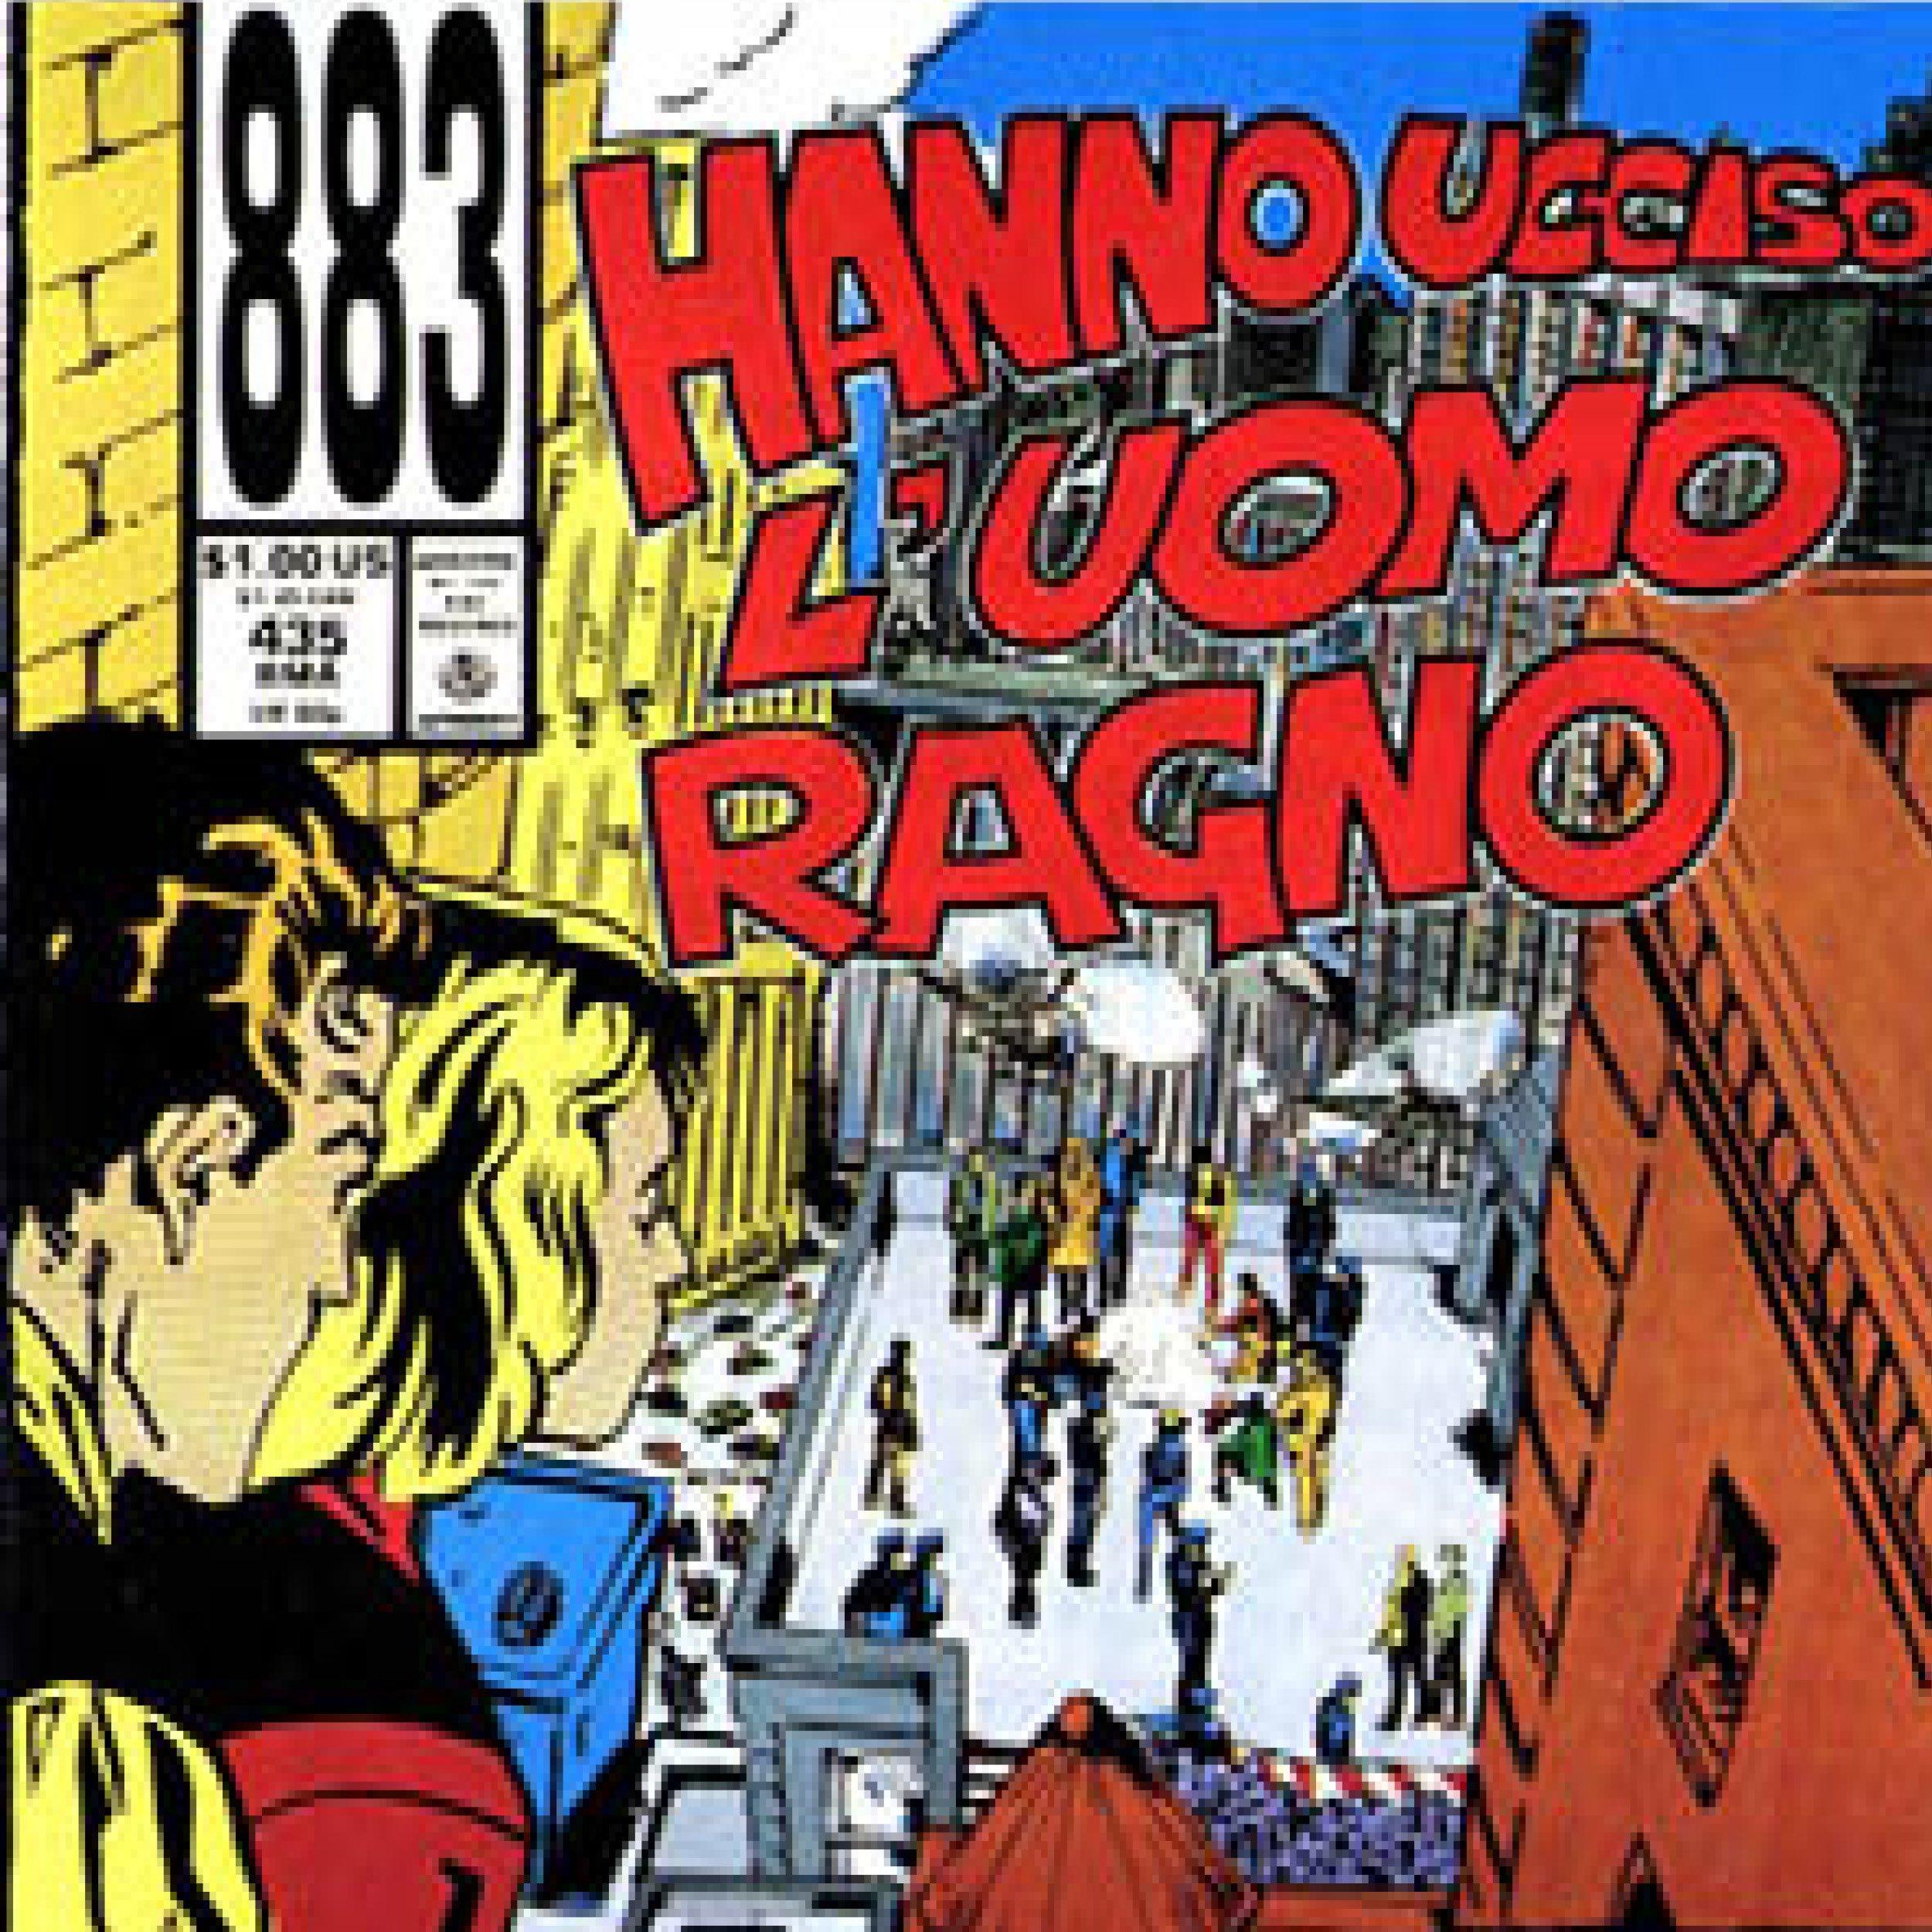 Italian Songs: Hanno ucciso l'uomo ragno